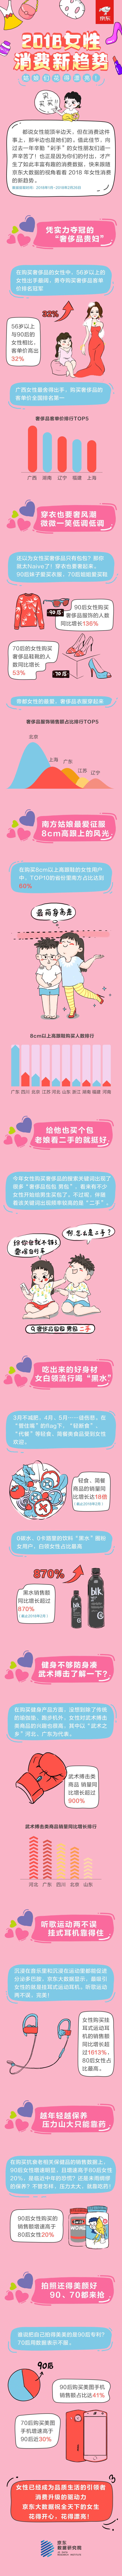 妇女节女性趣味长图.png